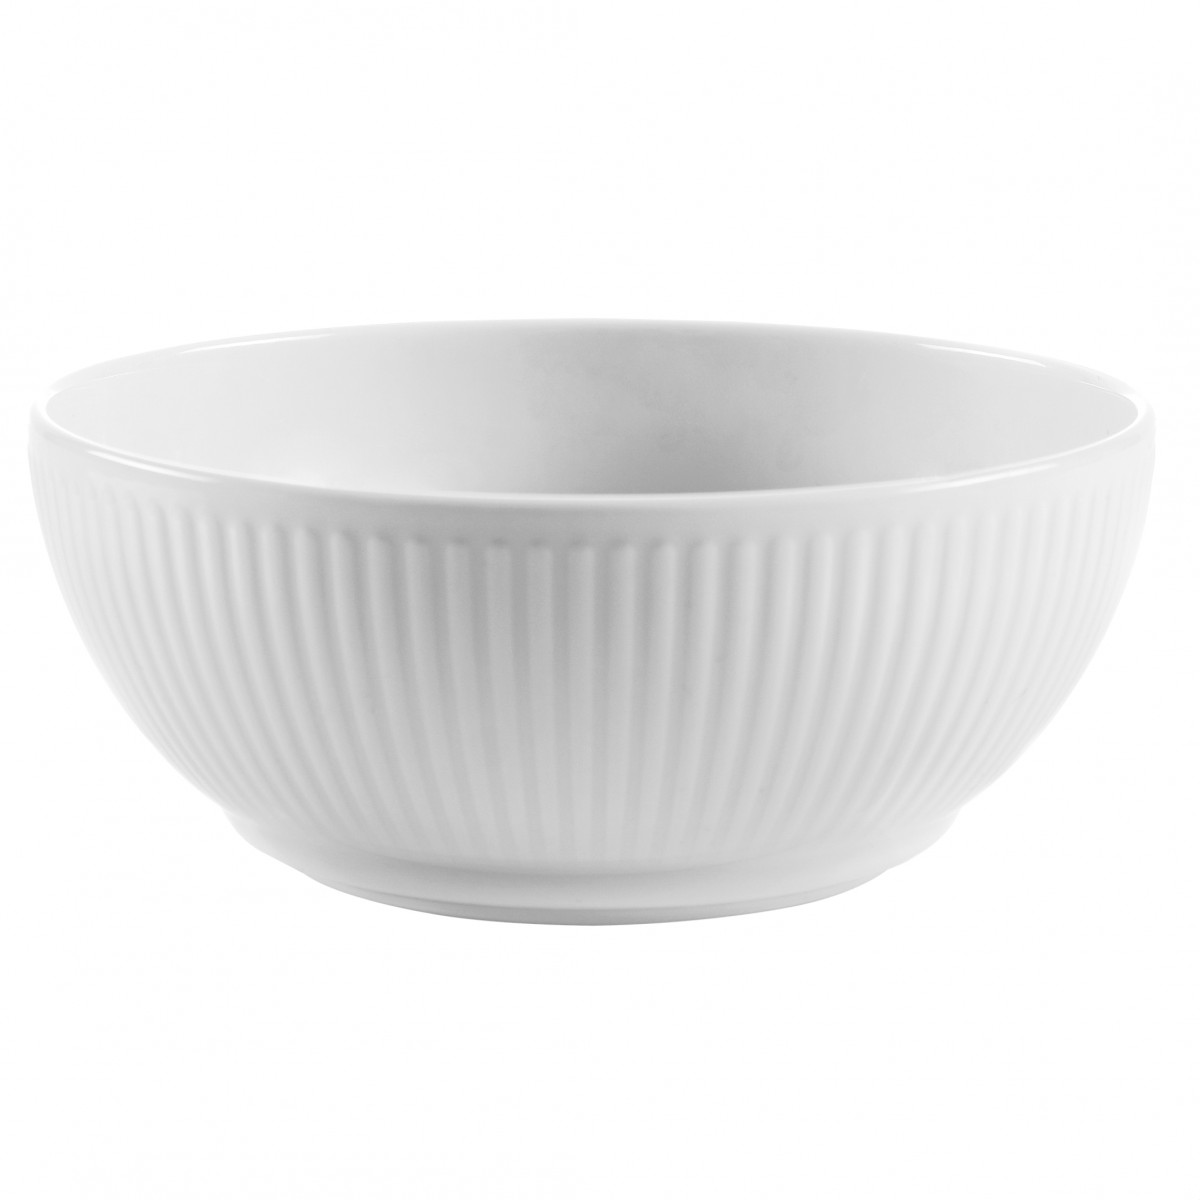 BODUM Douro skål, 0.48 l, dia. 14.5 cm, porcelæn, hvid 4 stk.